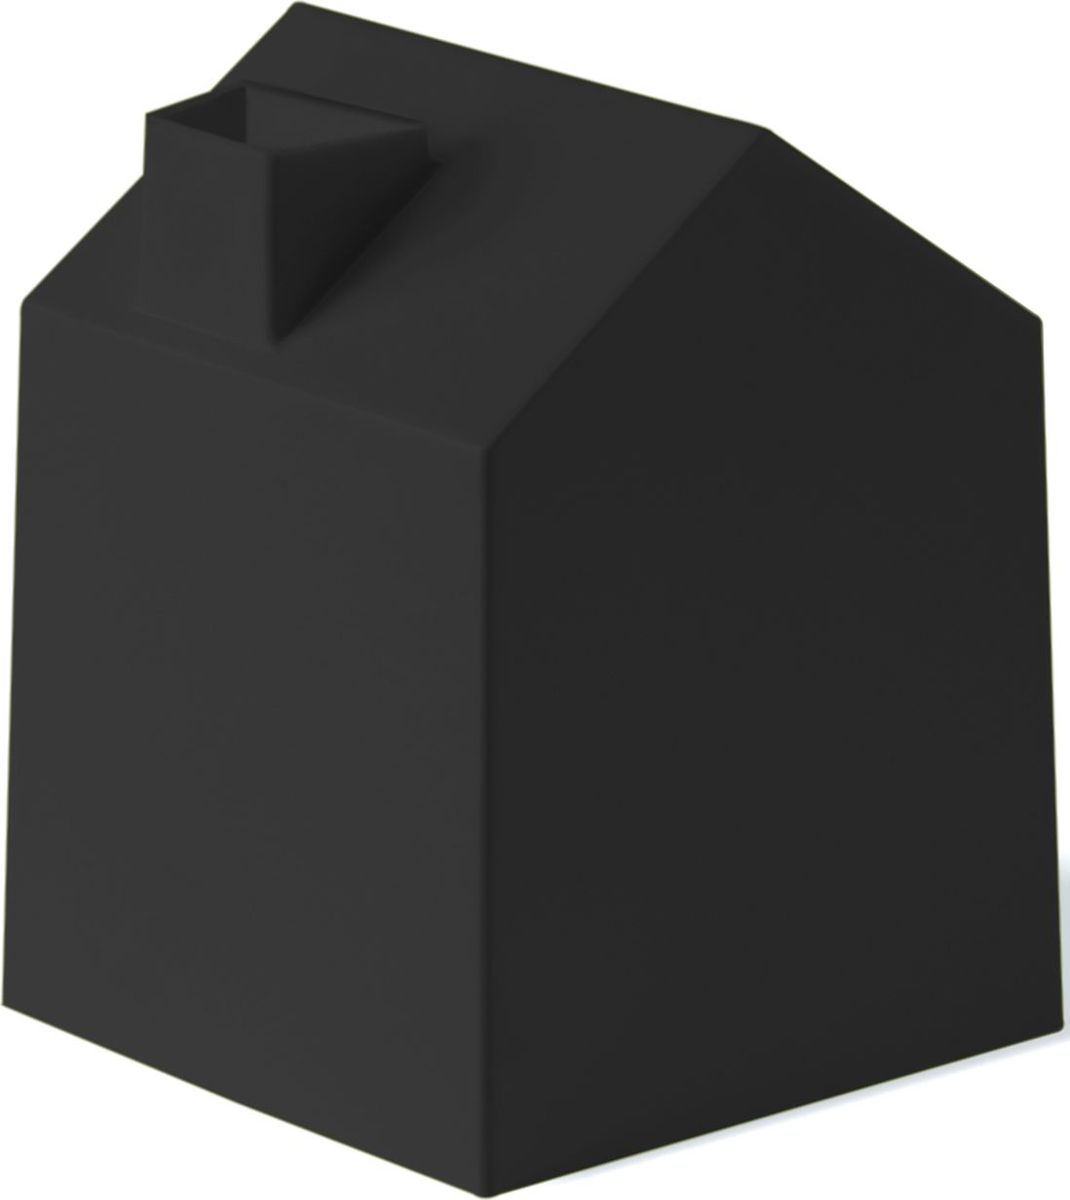 Бокс для салфеток Umbra Casa, цвет: черный, 17 х 13 х 13 см68/5/3Салфетки всегда должны быть под рукой, а не разбросаны в сумке или на полке возле зеркала. Бокс многоразовый, как только салфетки закончатся, вам необходимо всего-навсего заложить новую упаковку внутрь. Благодаря яркому и красочному дизайну он впишется в любой и интерьер и будет радовать глаз долгое время.